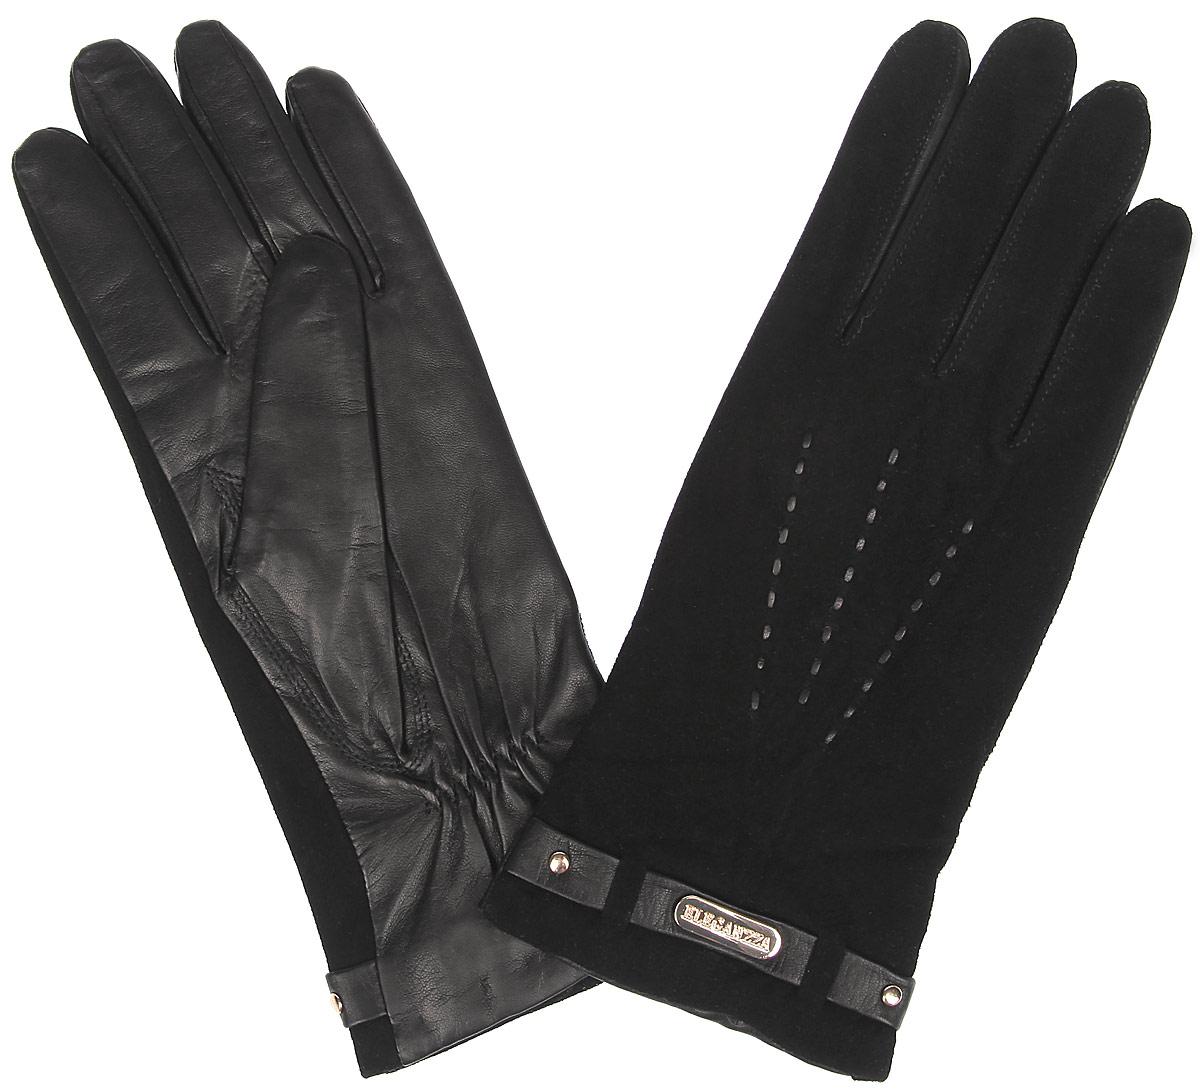 HP09123Стильные женские перчатки Eleganzza не только защитят ваши руки от холода, но и станут великолепным украшением. Ладонная часть модели выполнена из натуральной кожи с гладкой поверхностью, тыльная сторона - из натуральной замши. Модель оформлена кожаным плетением три луча и декоративным кожаным ремешком с металлическим элементом с надписью Eleganzza. На запястье изделие дополнено стяжкой. В настоящее время перчатки являются неотъемлемой частью гардероба, вместе с этим аксессуаром вы обретаете женственность и элегантность. Перчатки станут завершающим и подчеркивающим элементом вашего стиля и неповторимости.